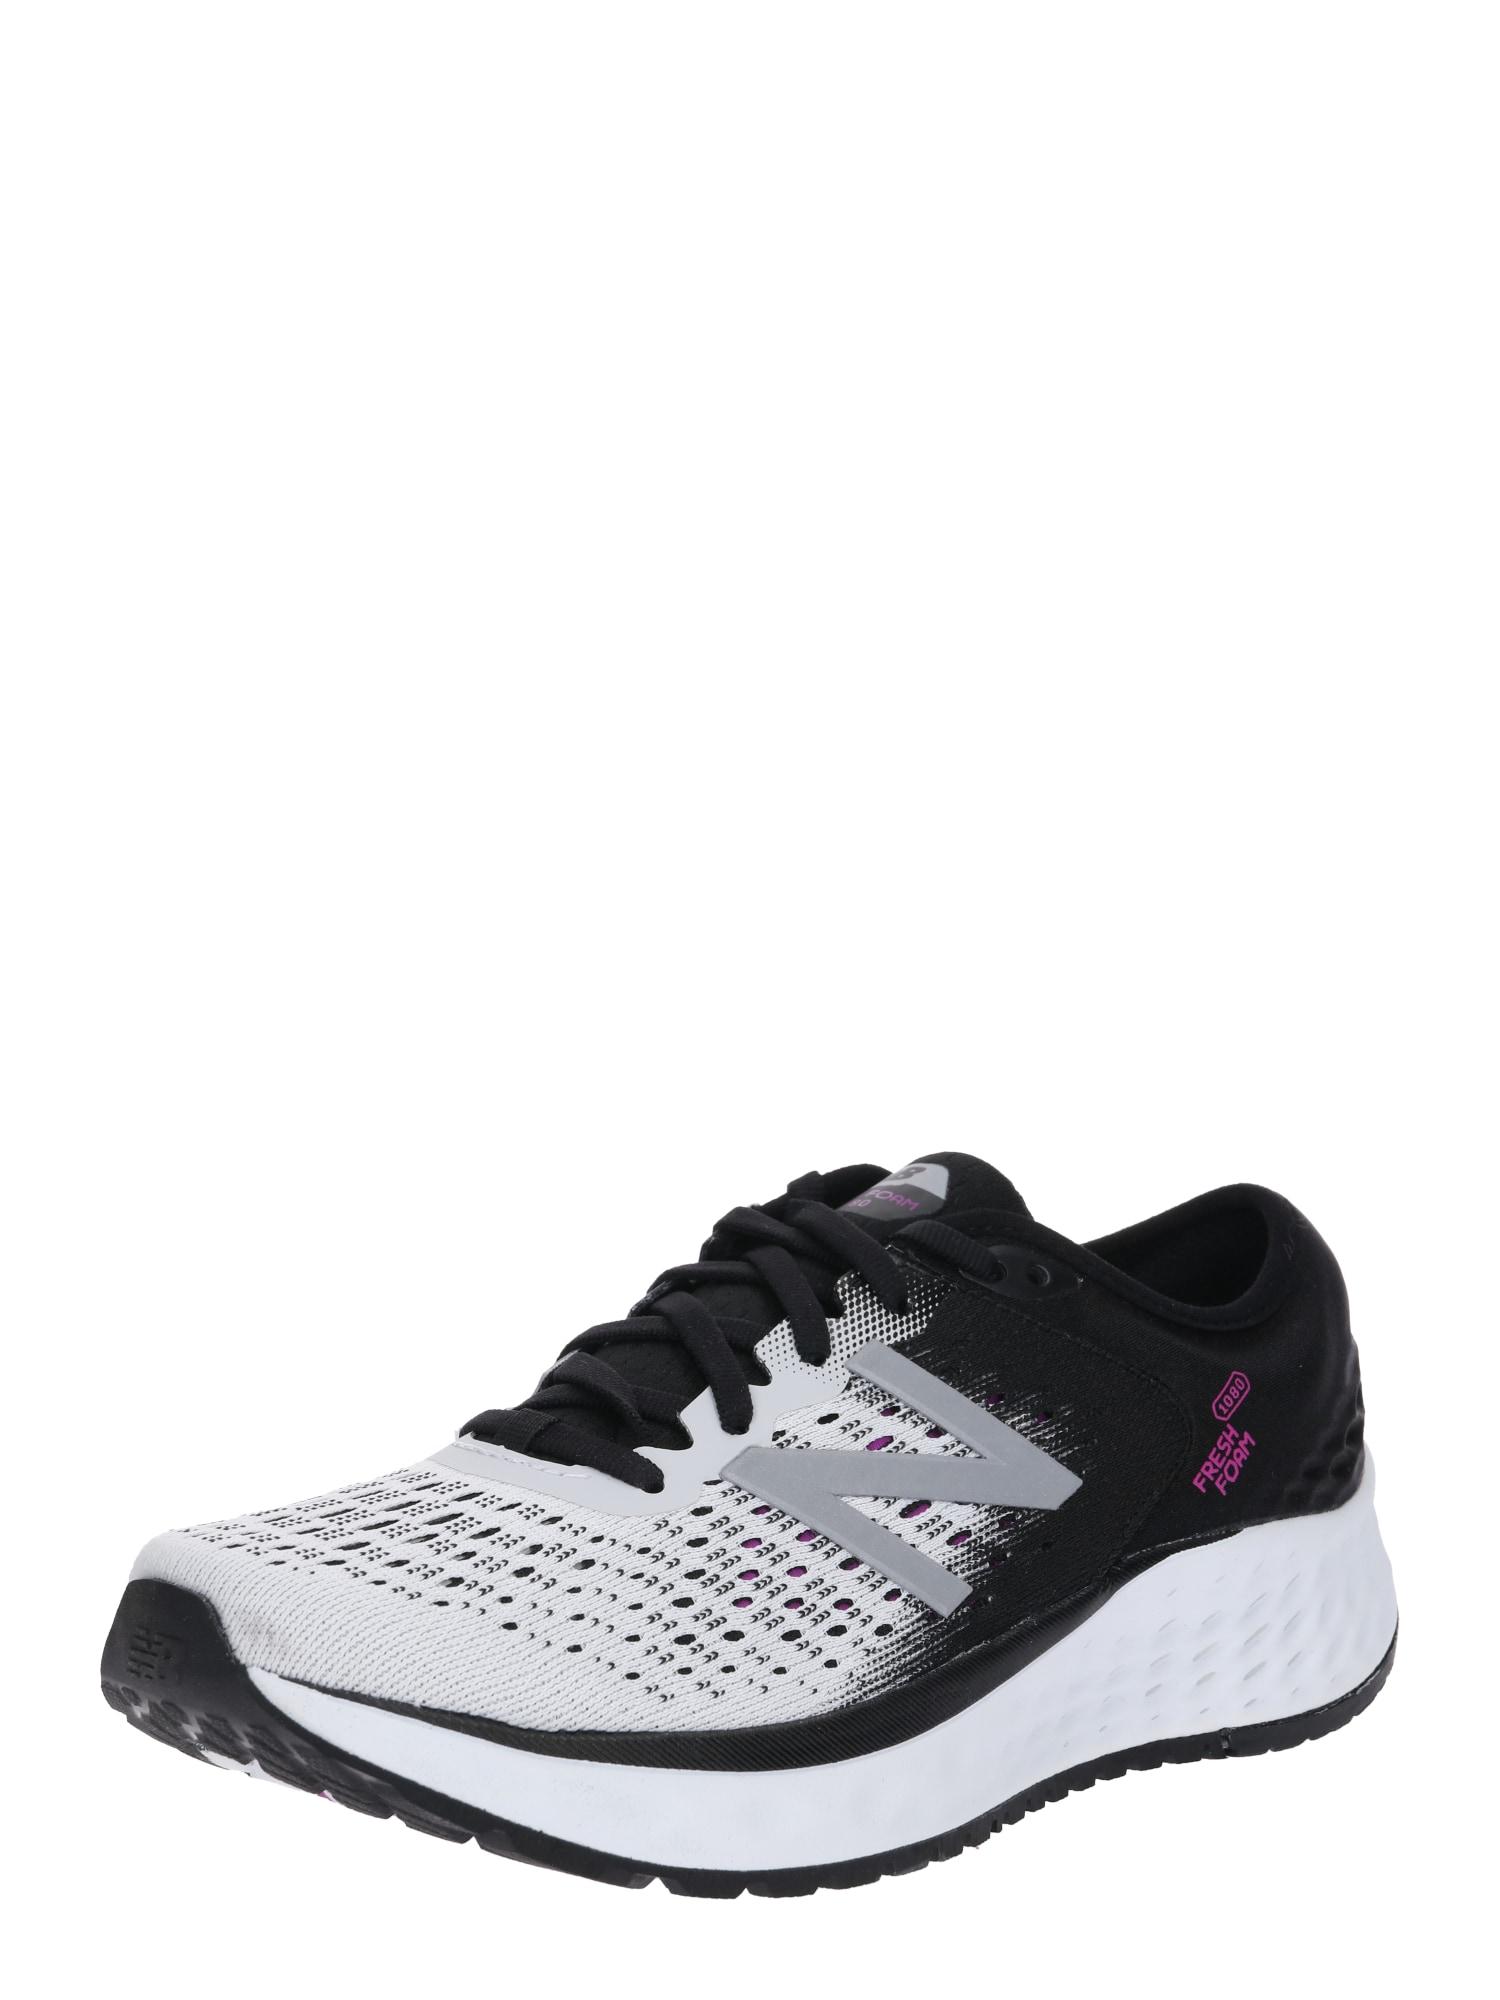 Běžecká obuv světle šedá fialová černá New Balance